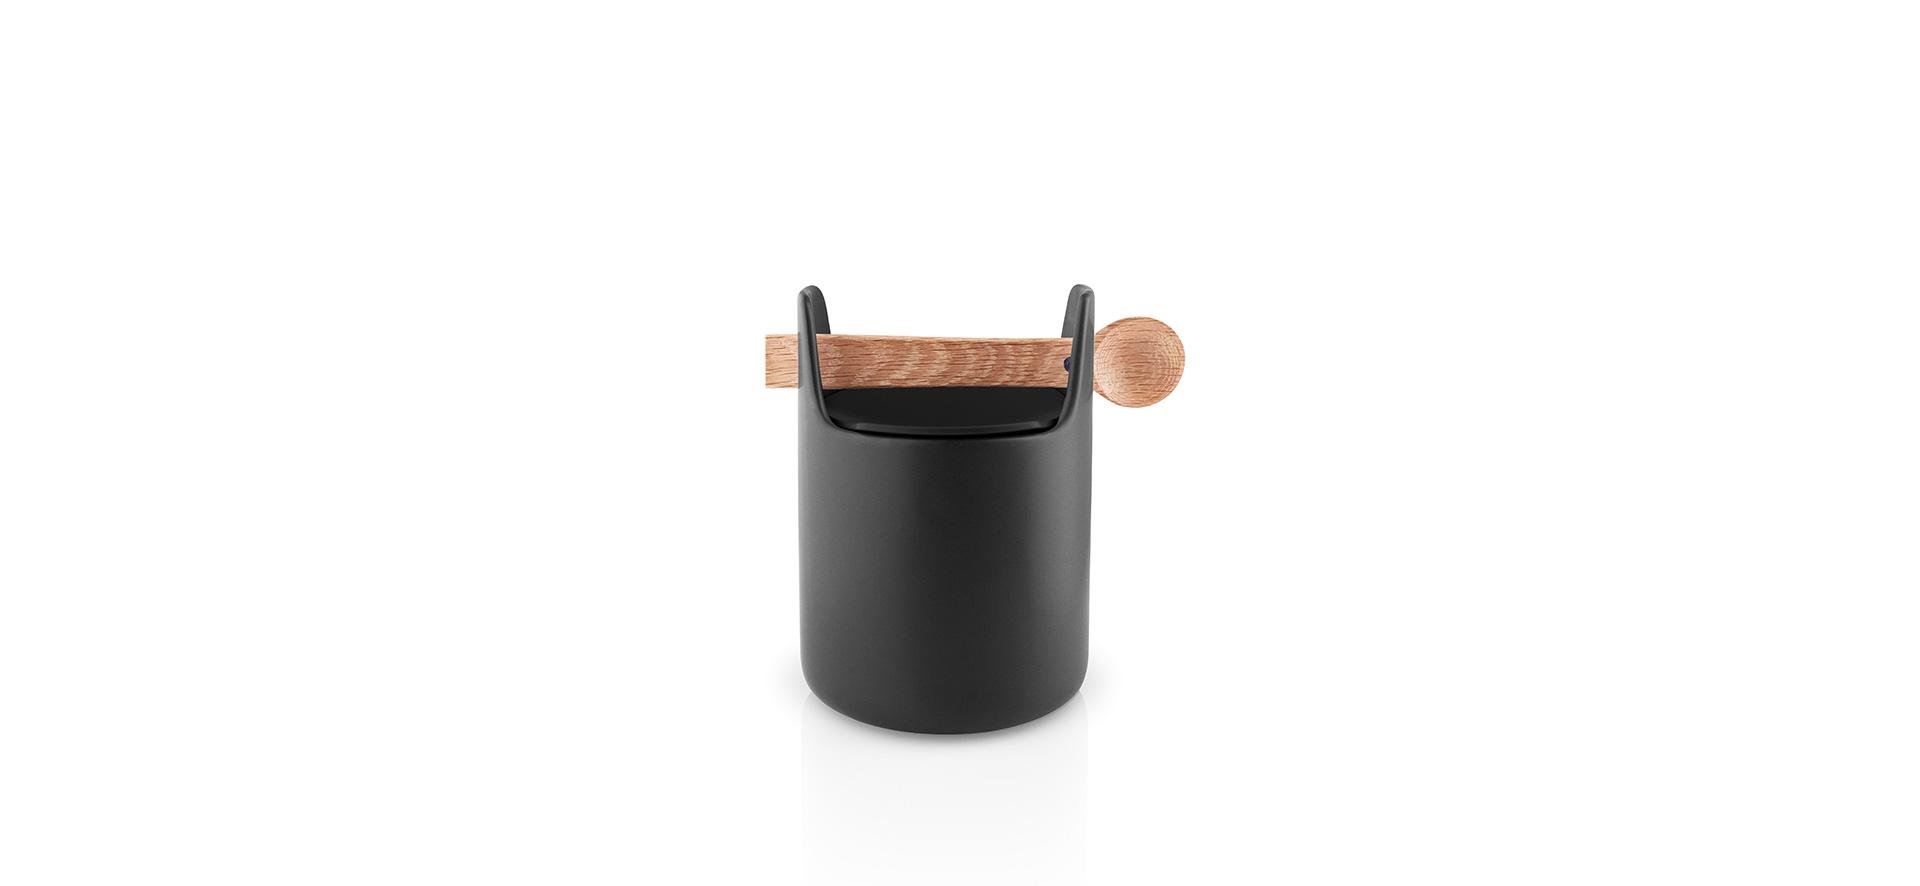 Full Size of Aufbewahrungsbehälter Toolboaufbewahrungsbehlter Mit Lffel Und Deckel Küche Wohnzimmer Aufbewahrungsbehälter